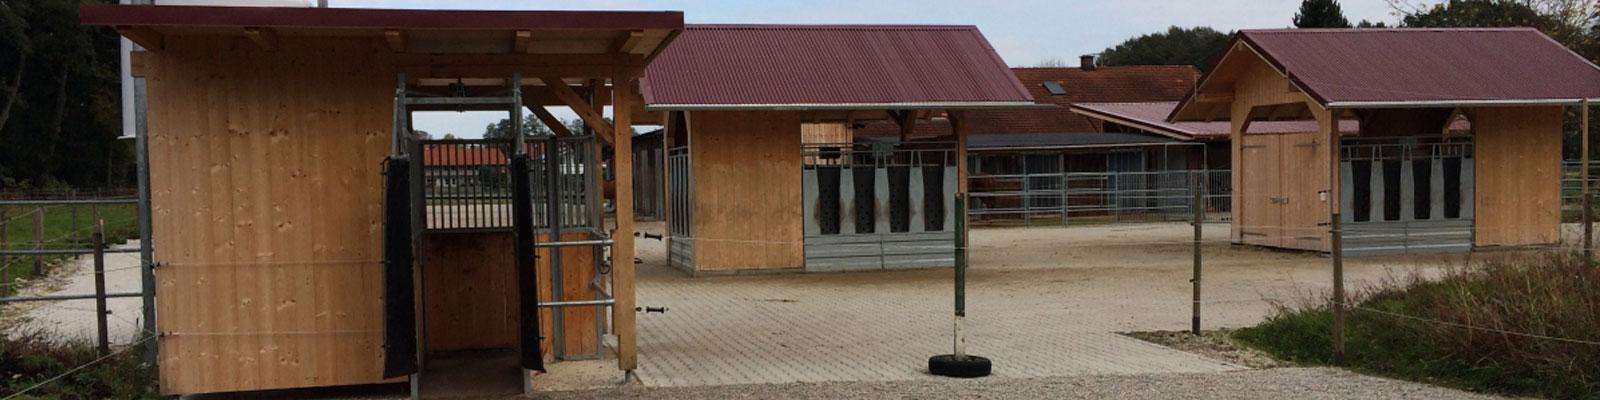 La stabilisation des sols dans l'écurie active